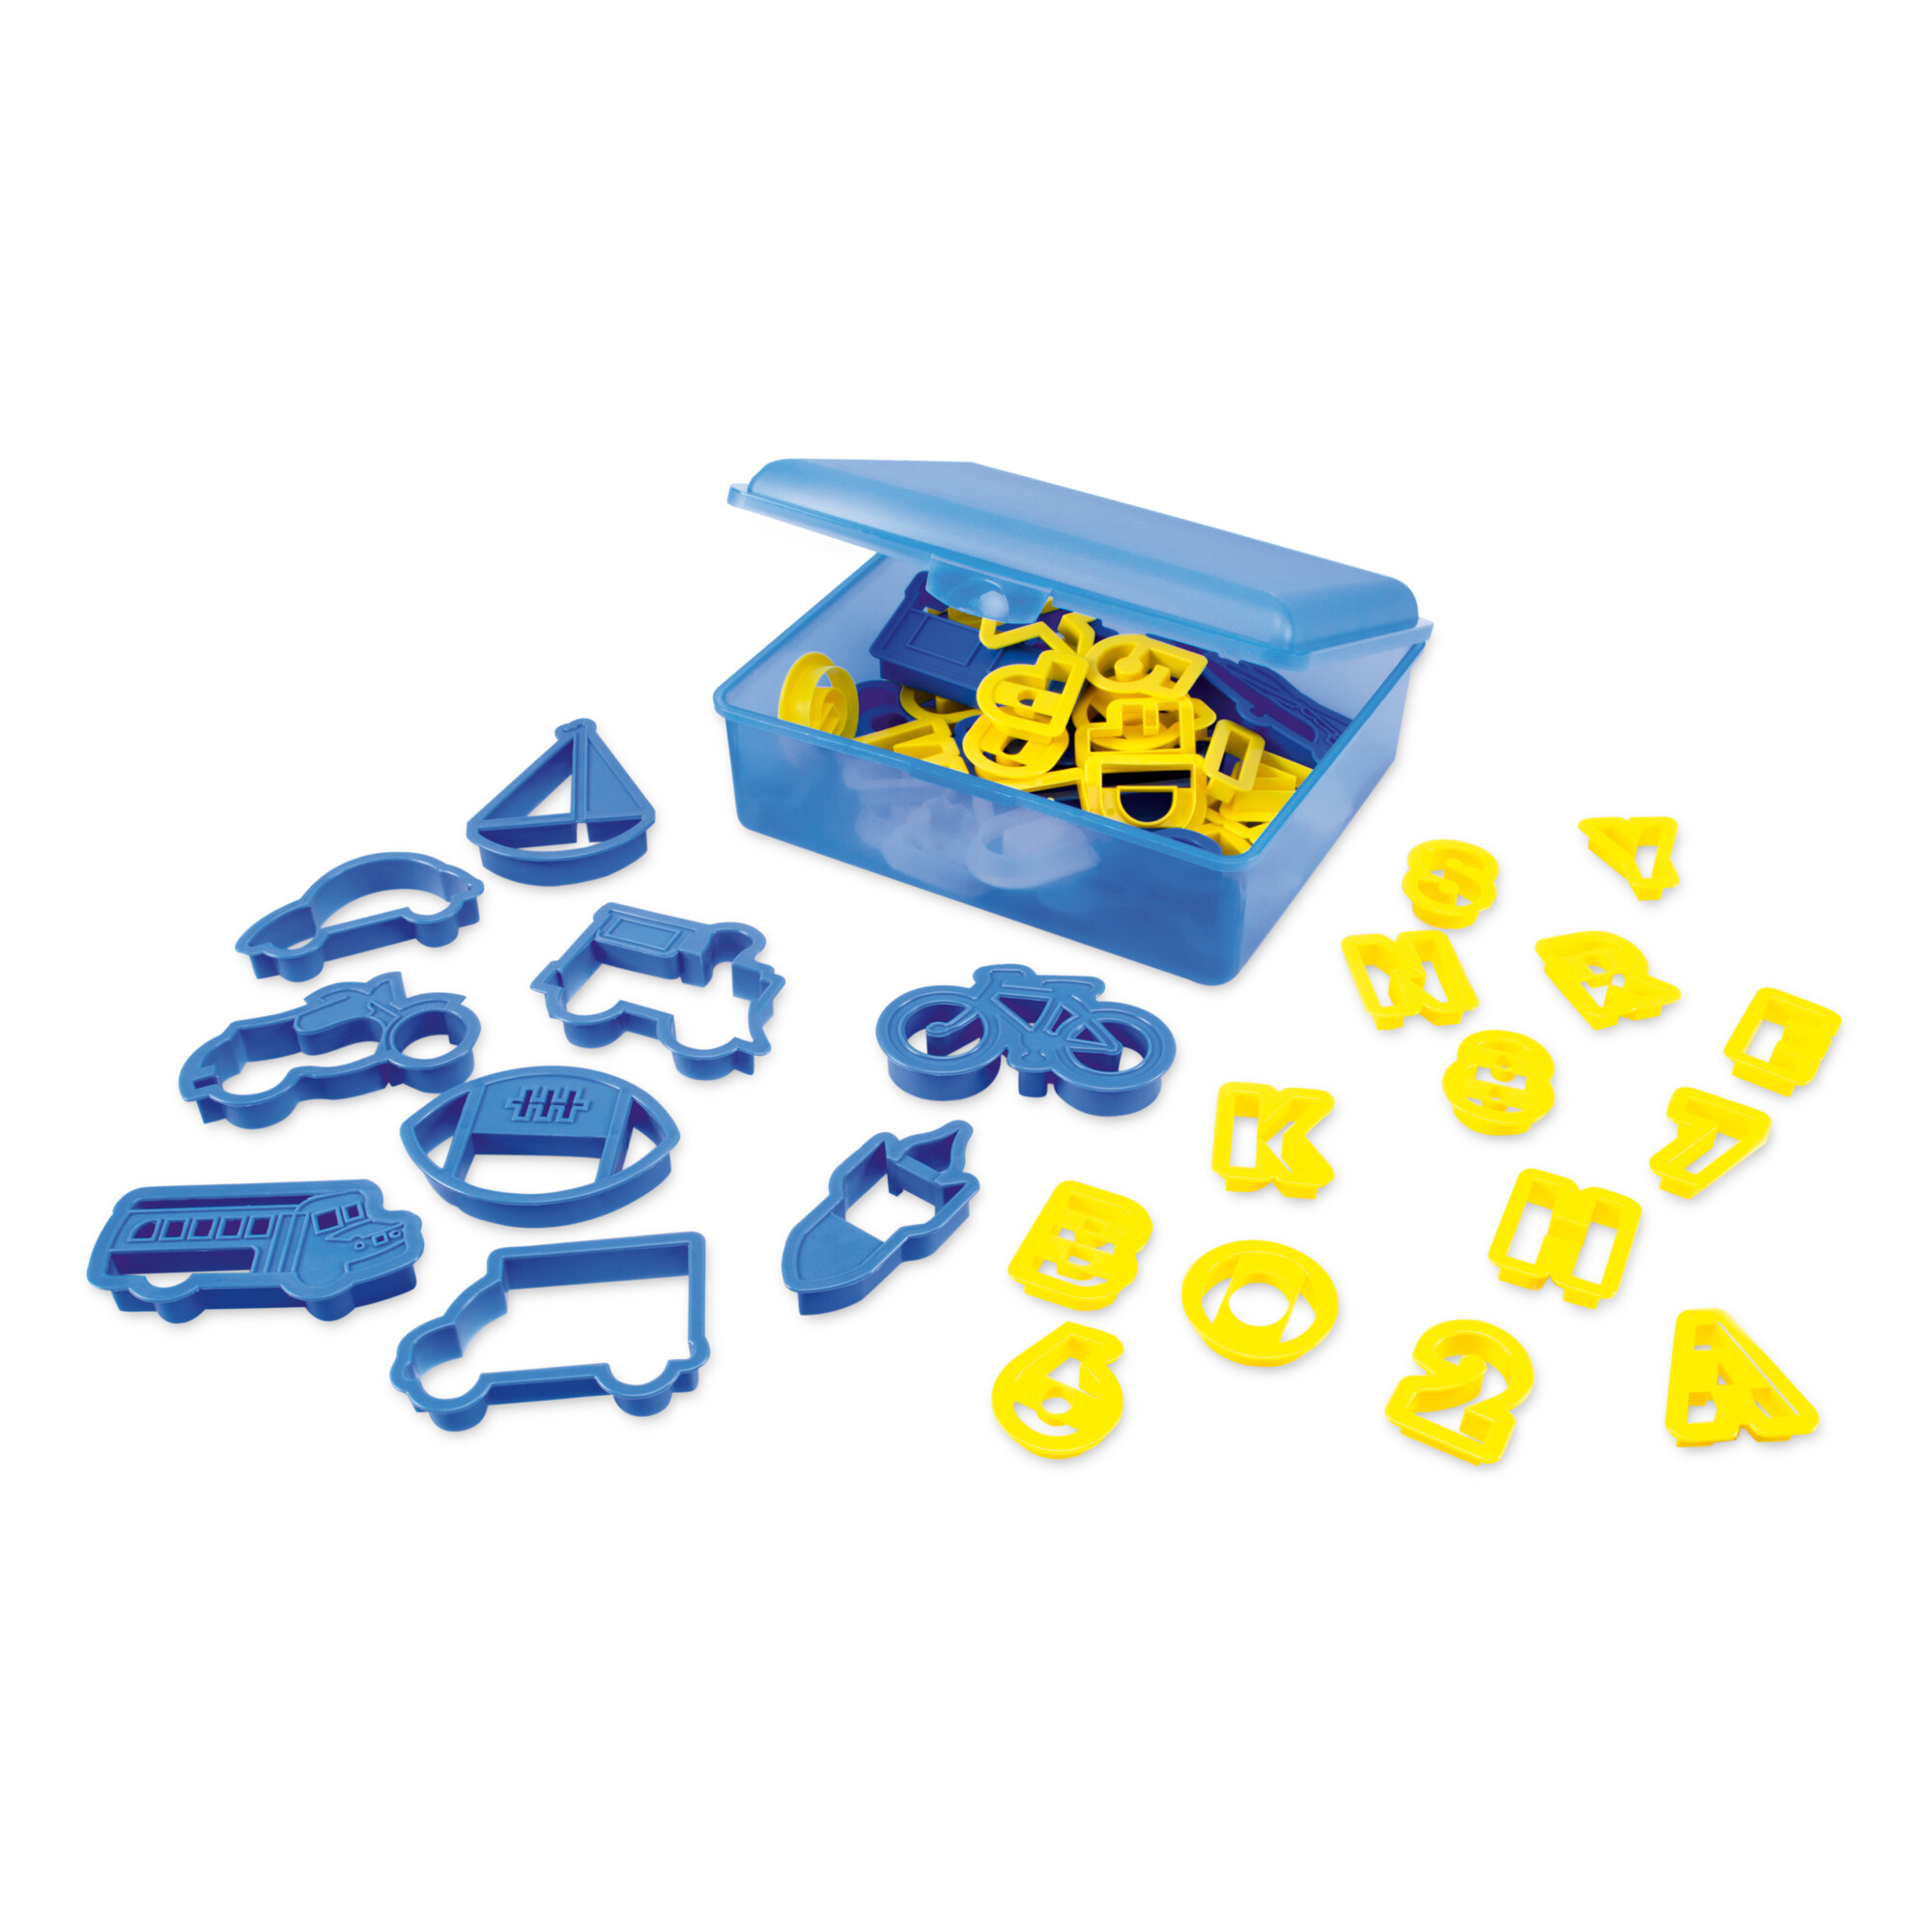 Präge-Ausstecher - Kreative Kiste - Set, 53-teilig